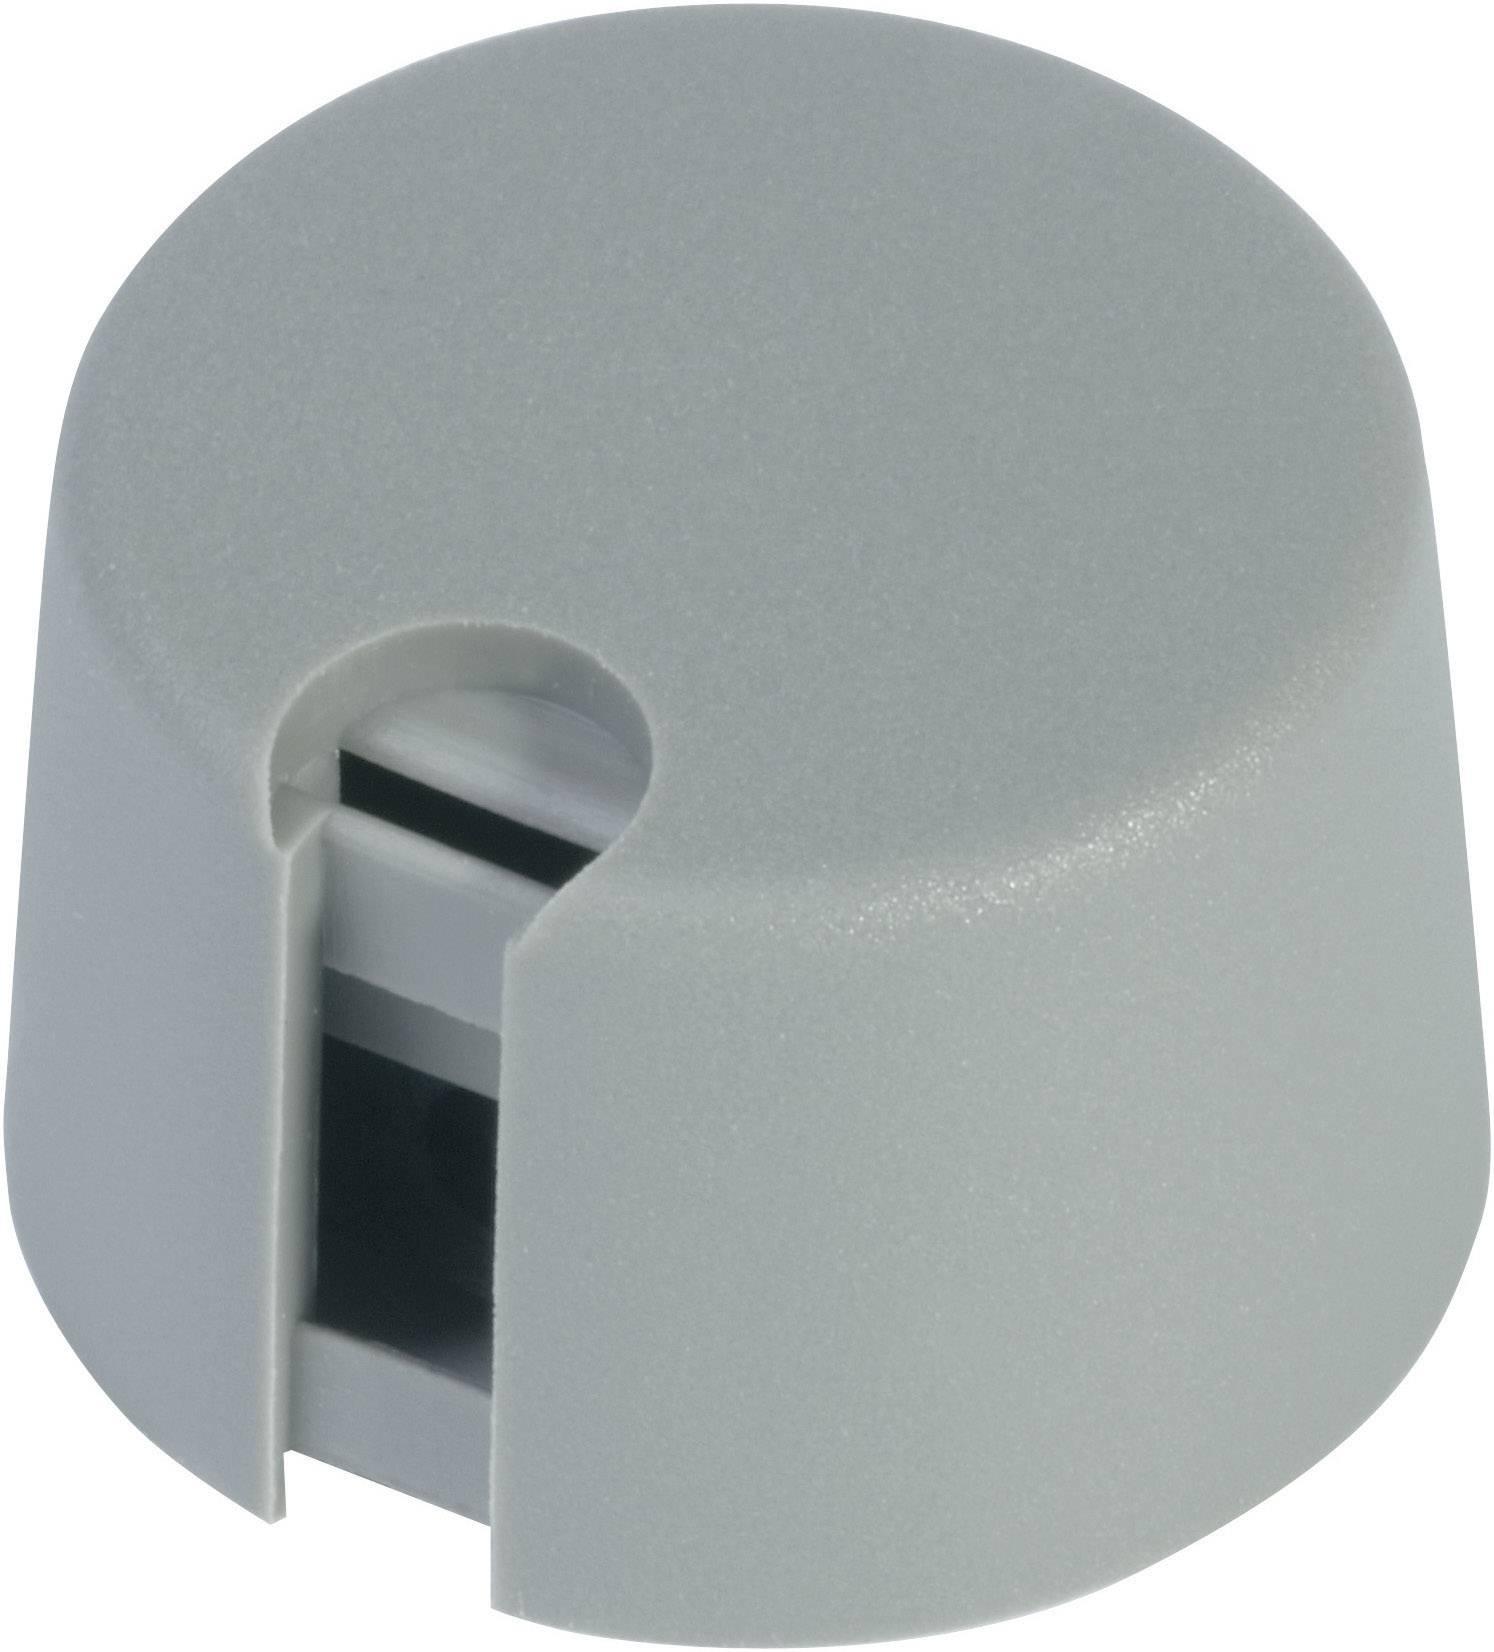 Ovládací knoflík OKW, Ø 16 mm x V 16 mm, 6 mm, šedá